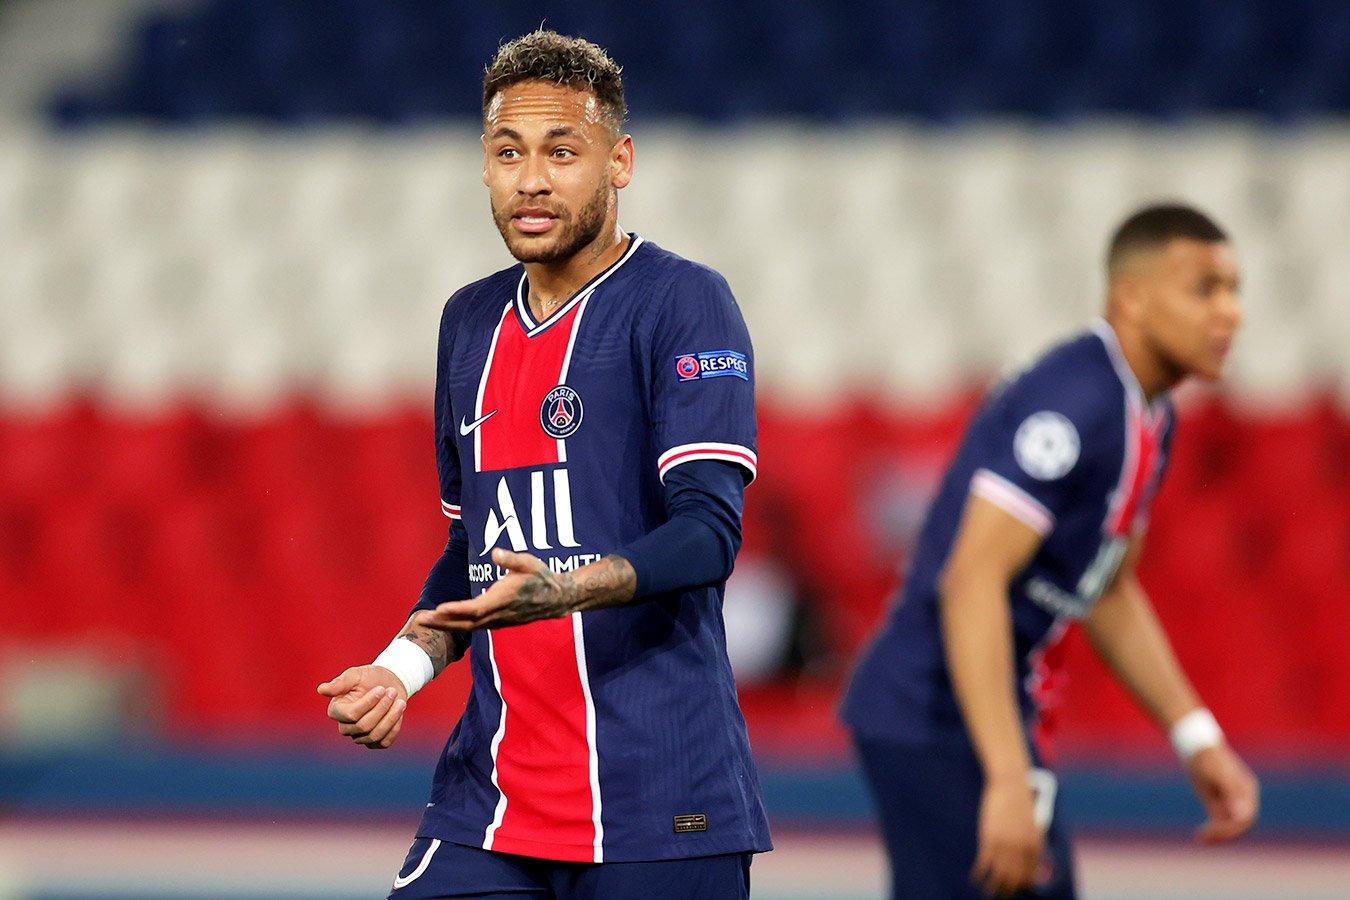 «Монако» — «ПСЖ», 19 мая 2021 года, прогноз и ставка на матч Кубка Франции, где смотреть онлайн, прямой эфир